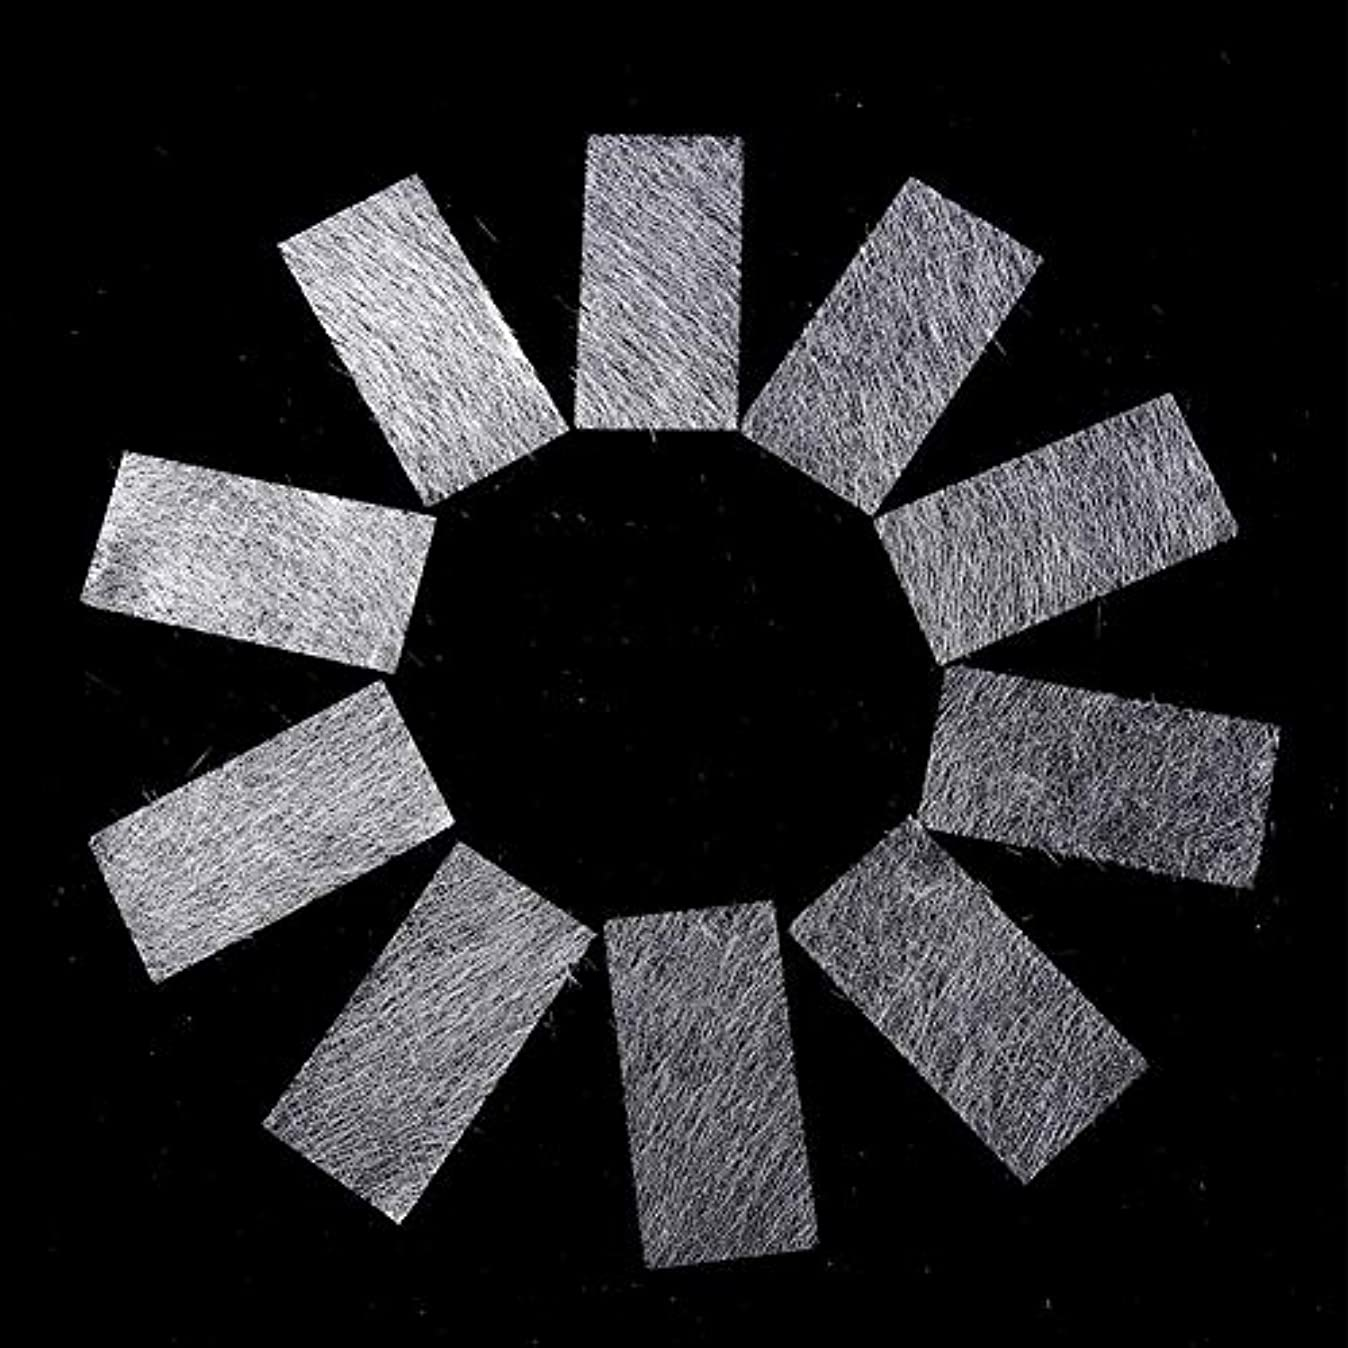 拡散する抽象喜びMurakush ネイルタオル 不織布 不織布 シルク 長くなるように 偽ネイル 5pcs/10pcs 10PCS